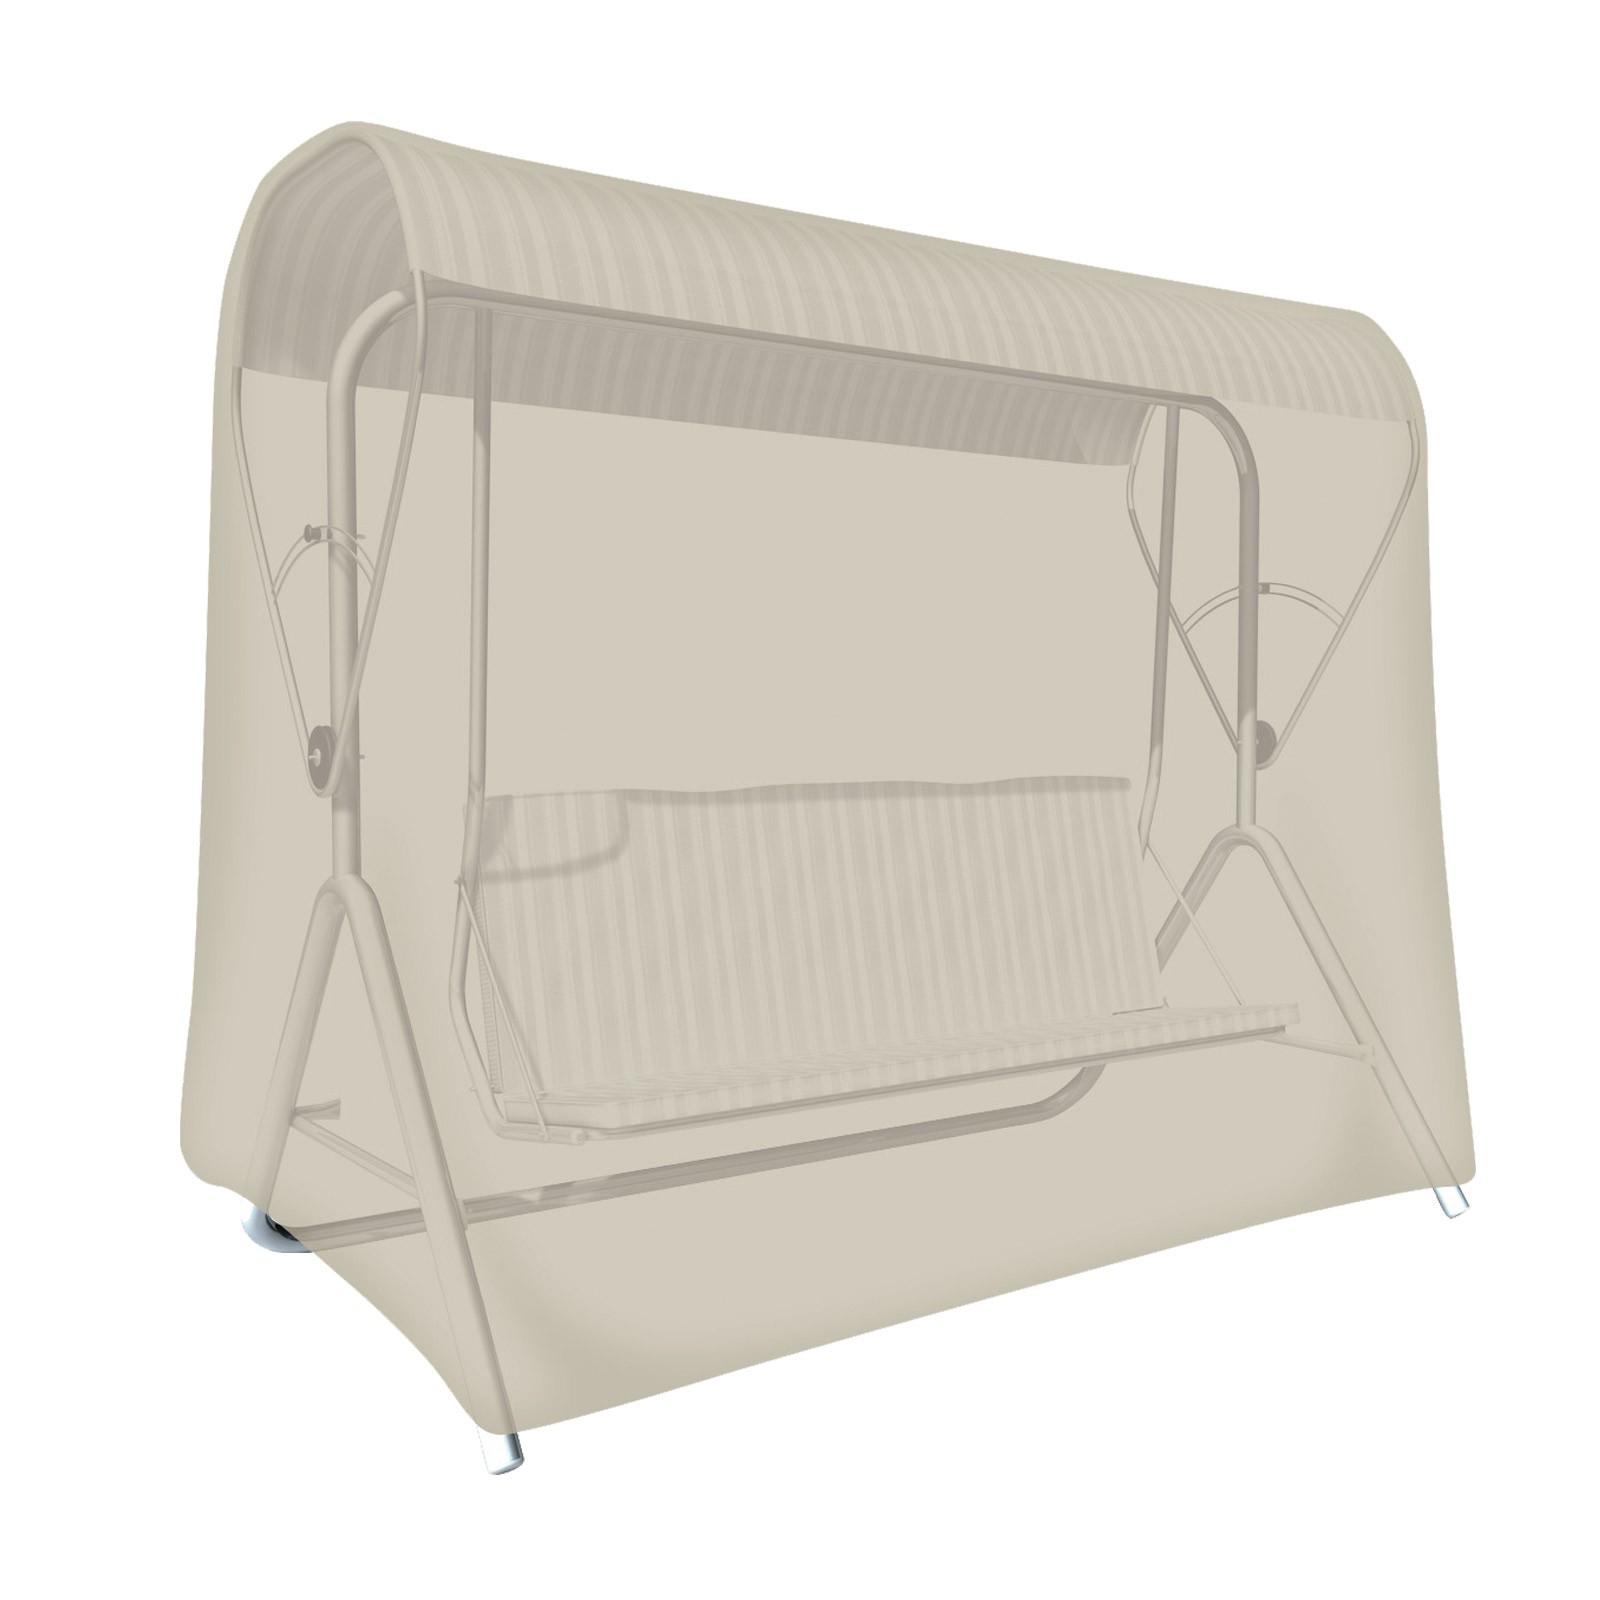 tepro universal abdeckhaube schutzhaube wetterschutz f r. Black Bedroom Furniture Sets. Home Design Ideas